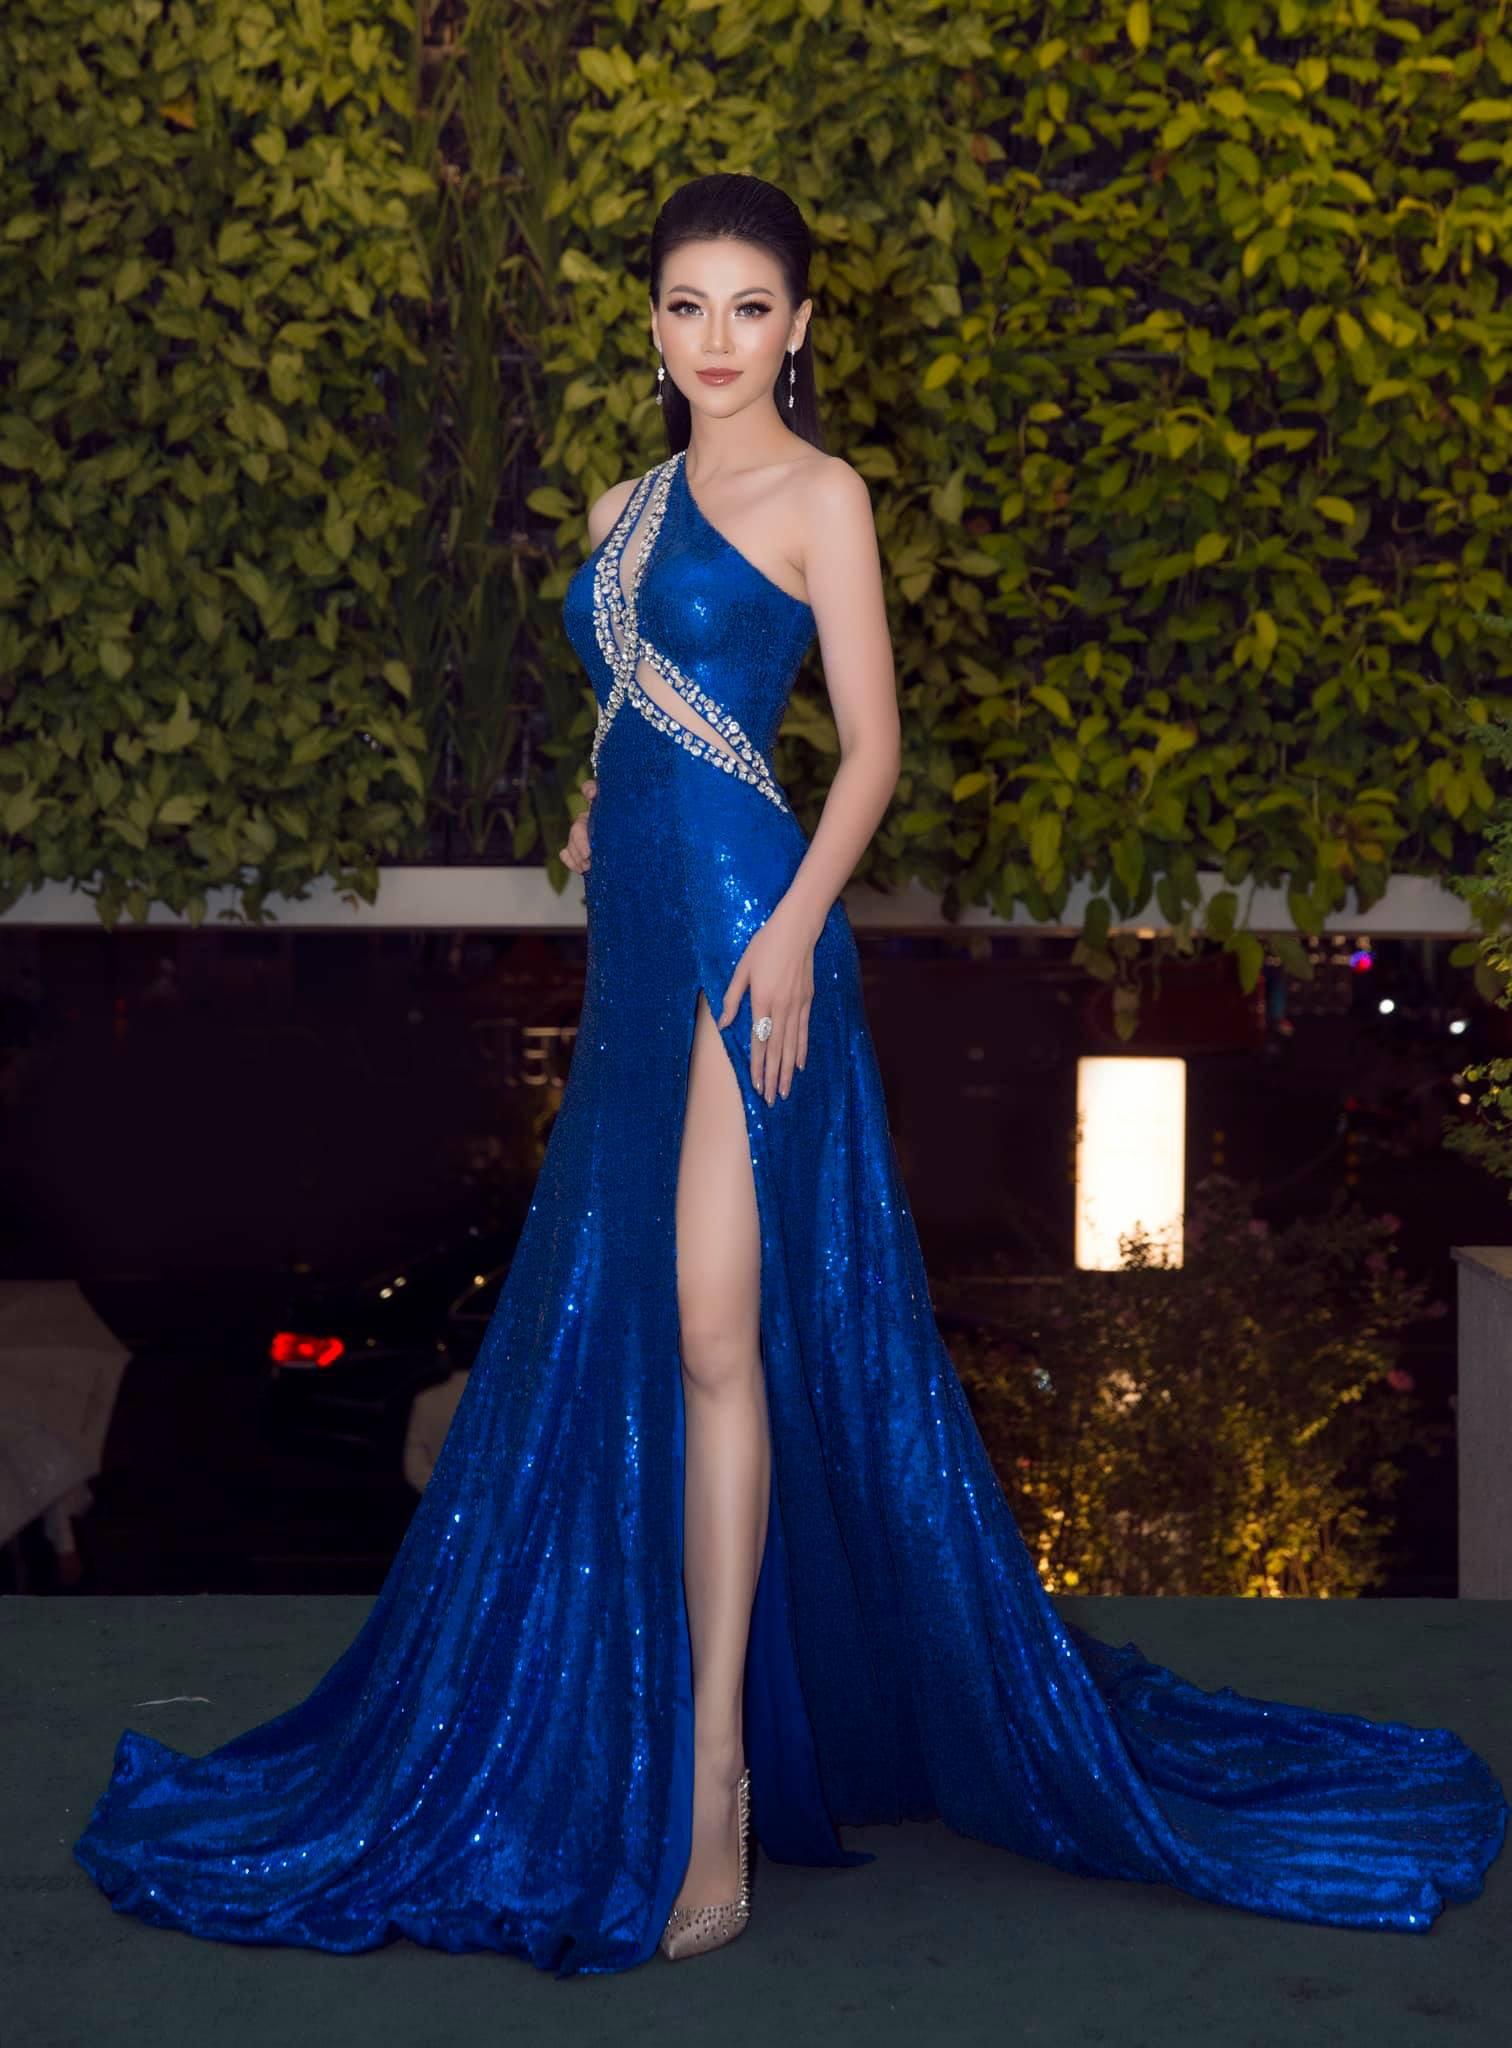 Cuối cùng Hoa hậu - Á hậu Việt cũng trở thành nạn nhân trong những nghi án đạo nhái trang phục? - Ảnh 14.